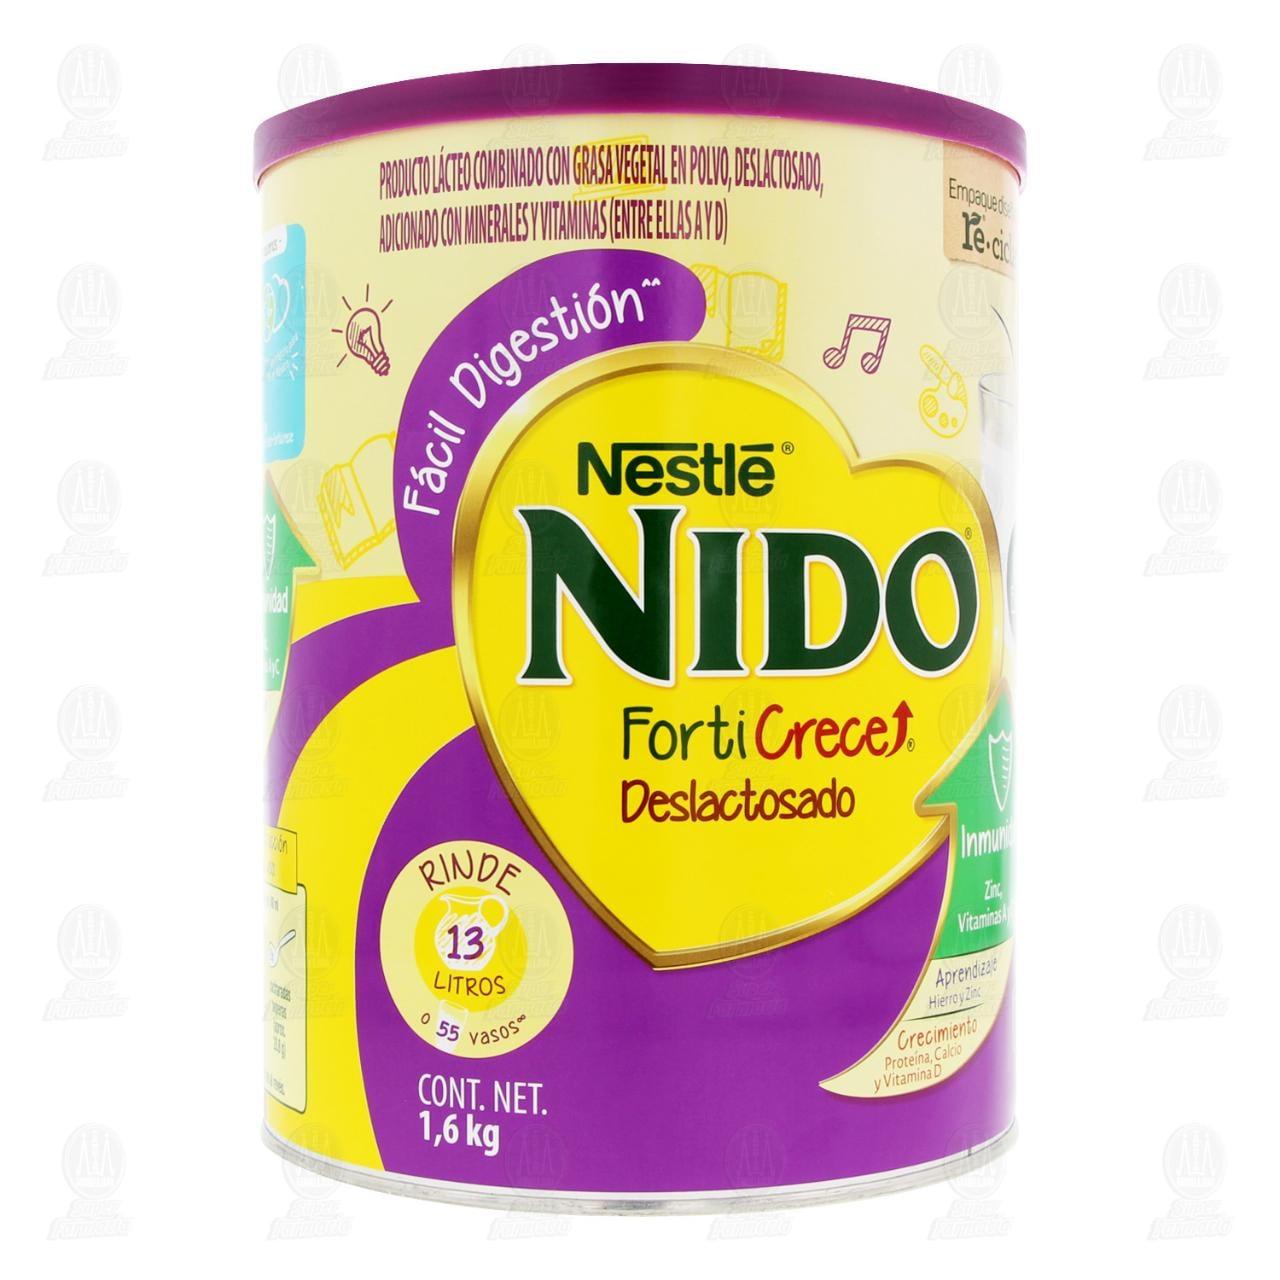 Comprar Producto Lácteo Nido FortiCrece Deslactosado, 1.6 kg. en Farmacias Guadalajara